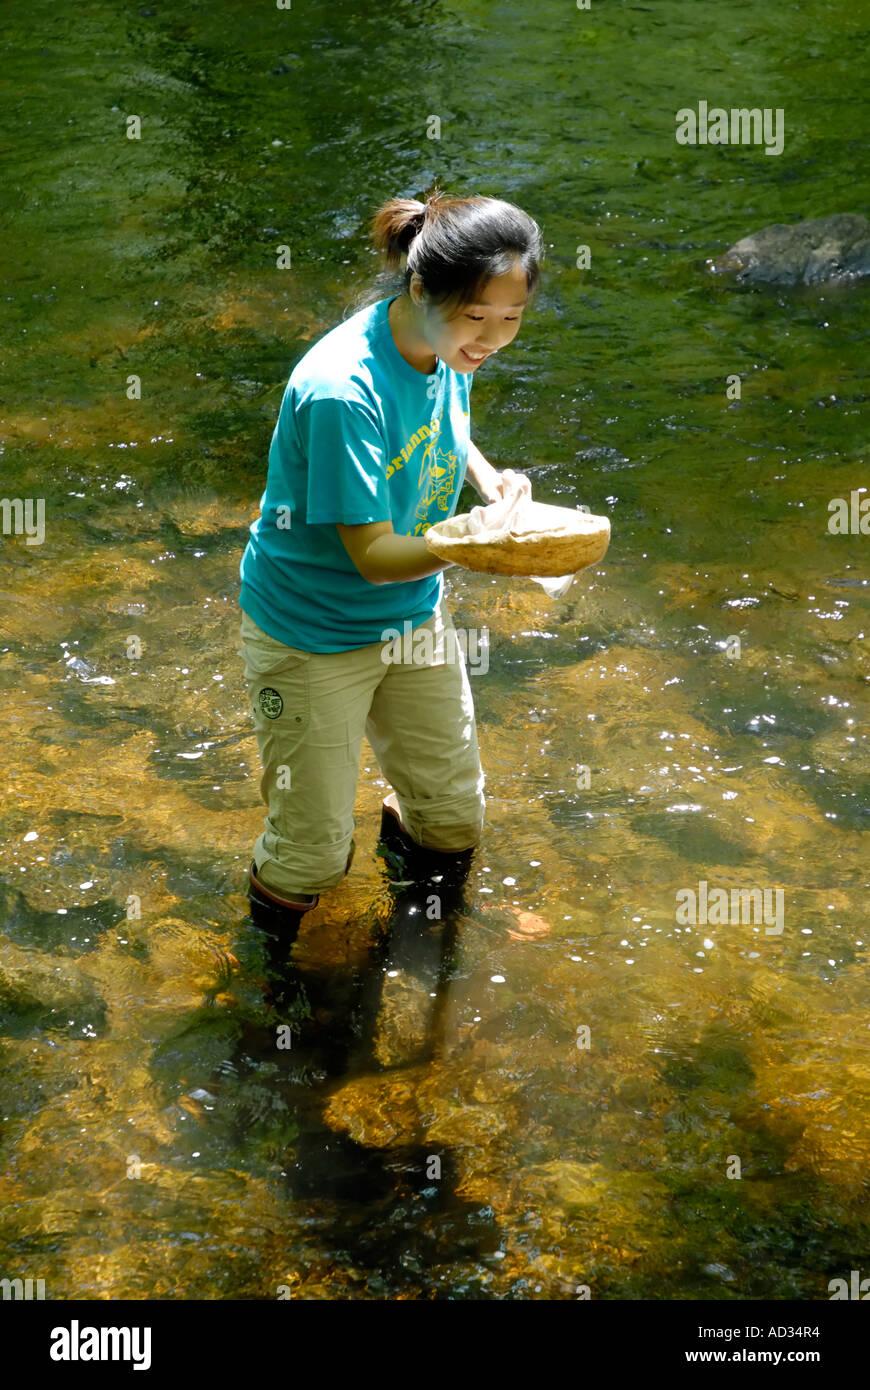 Asian teenage girl en utilisant l'eau de la rivière d'échantillonnage net pour les poissons et invertébrés d'indicateurs biologiques de la qualité de l'eau Photo Stock